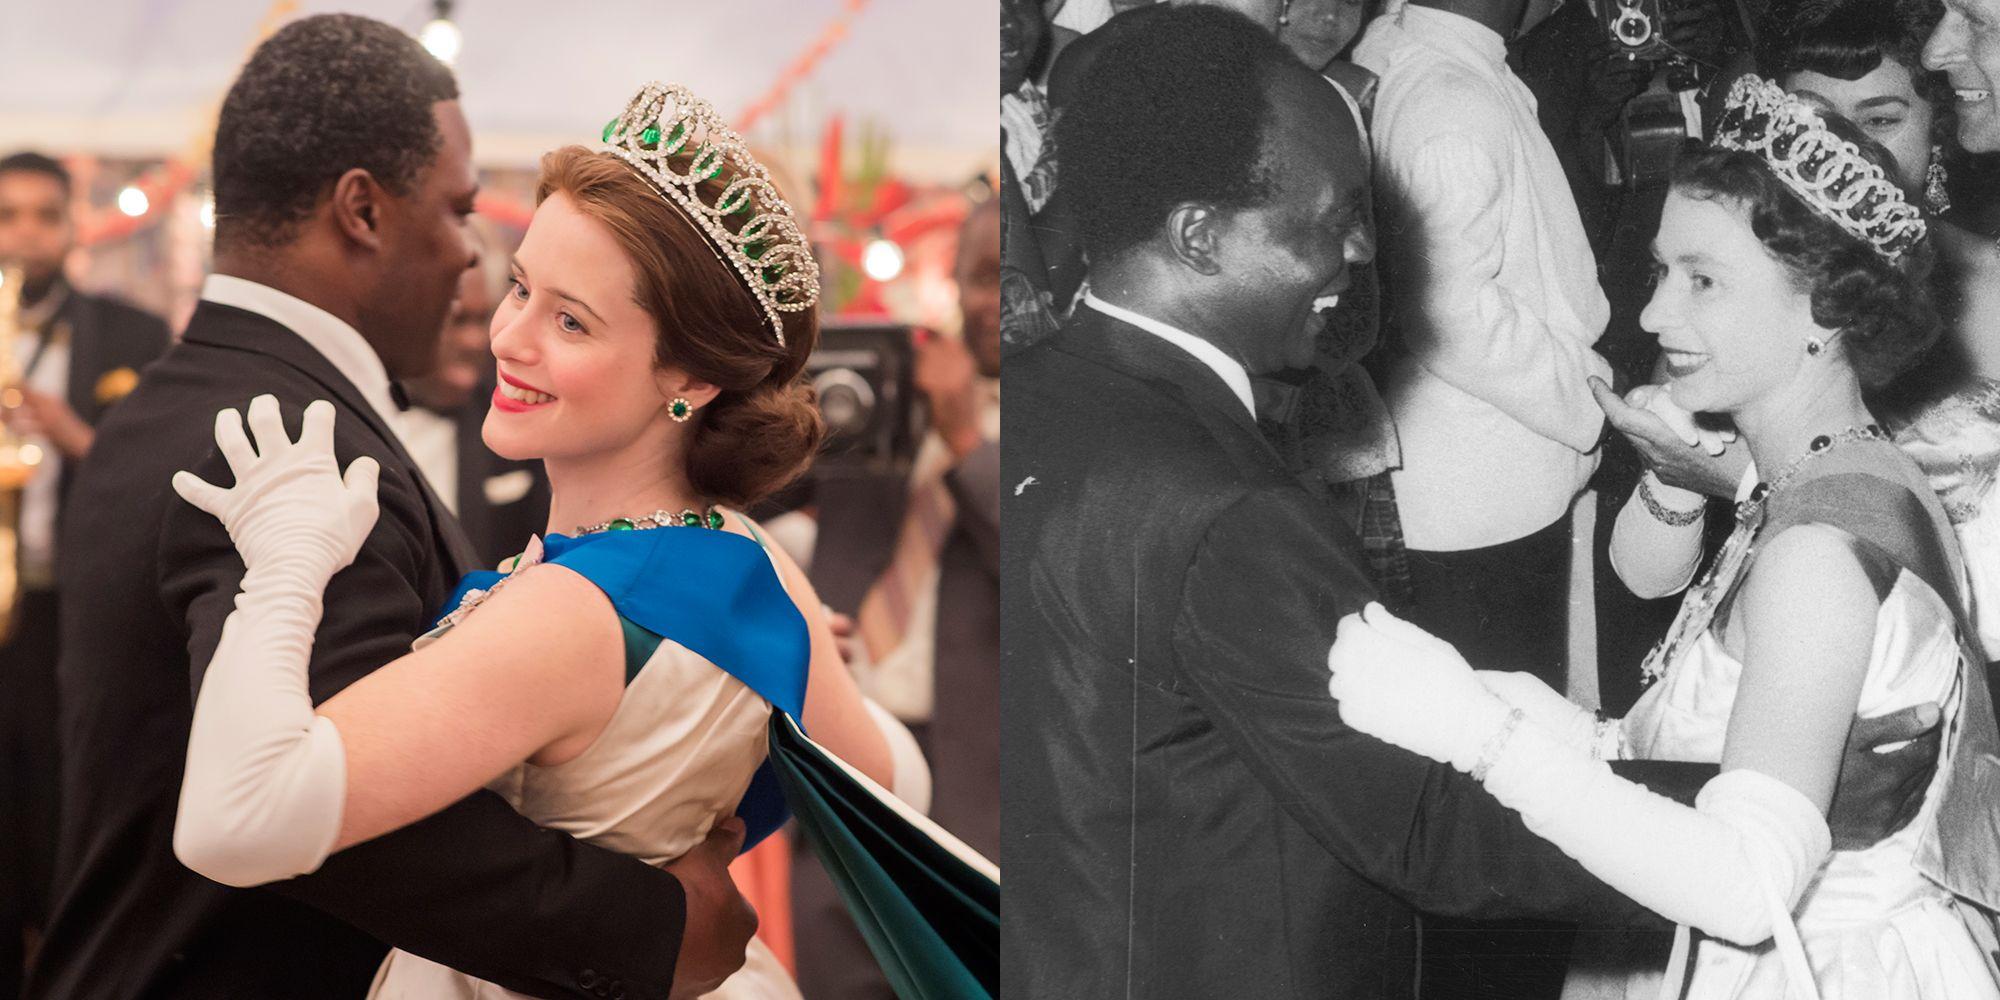 Queen Elizabeth II (seasons 1 and 2)